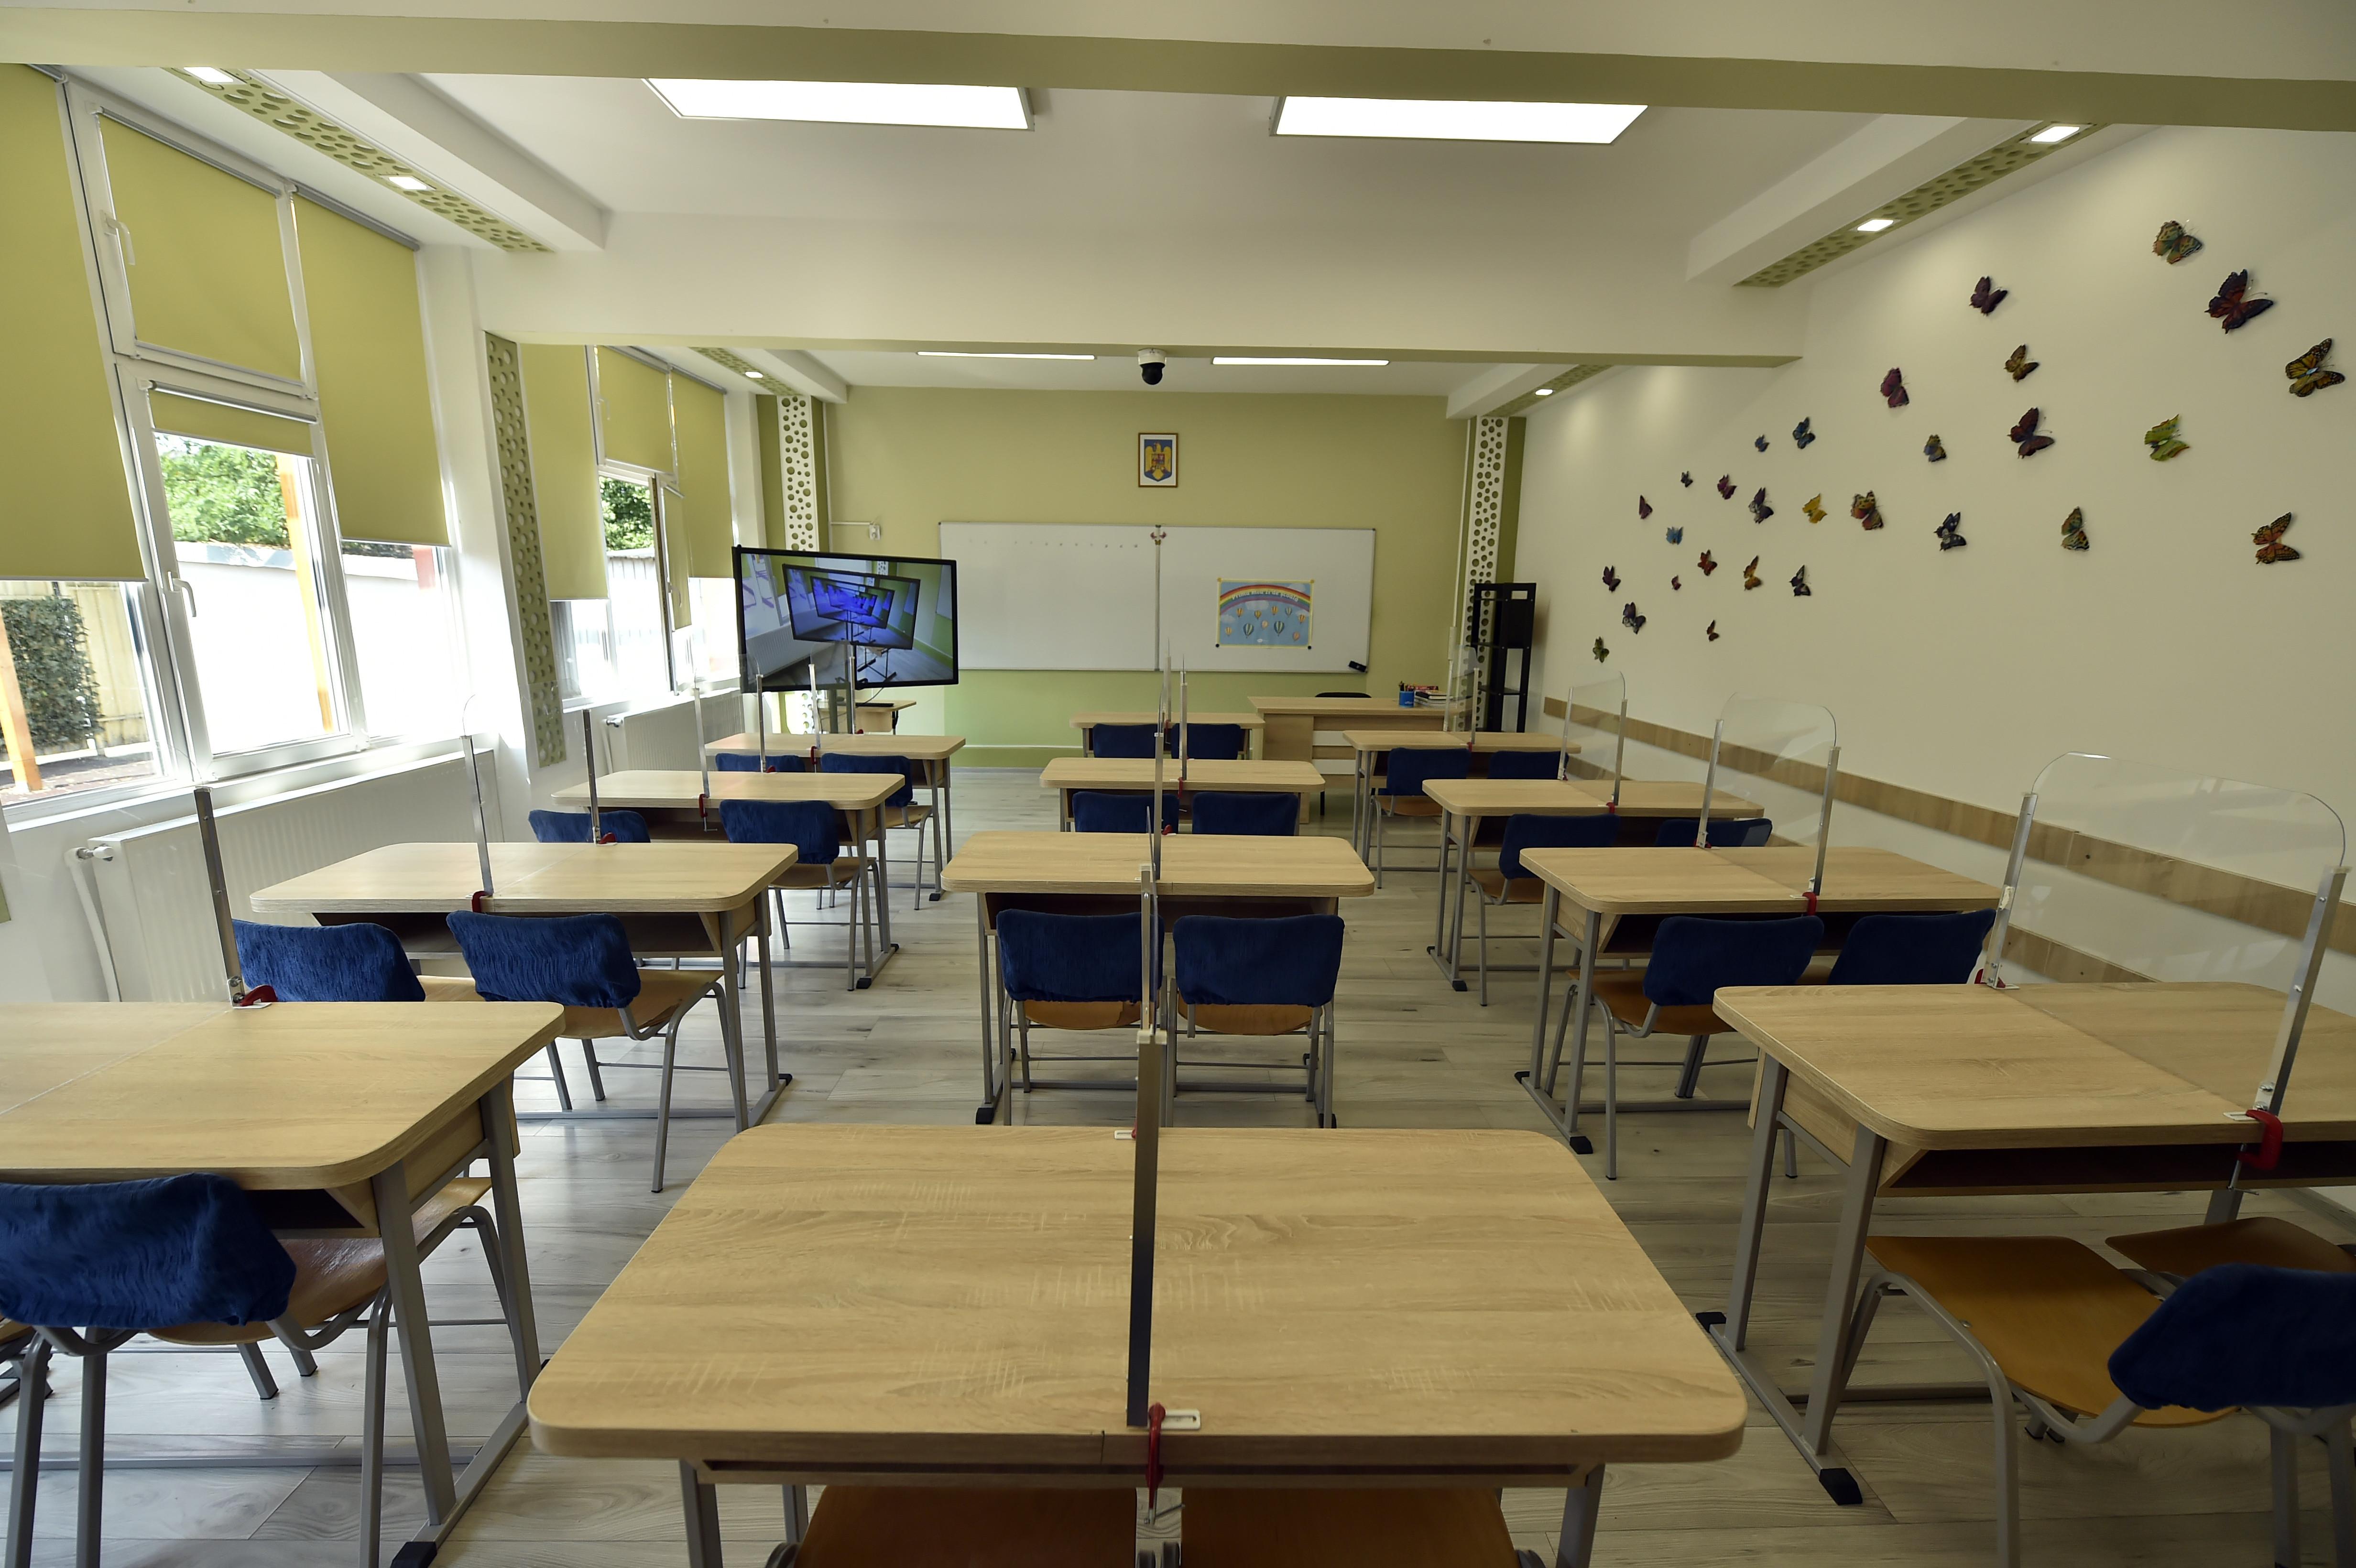 Elevii care s-ar putea întoarce la școală înainte de 8 februarie. Ar putea face ore și sâmbăta